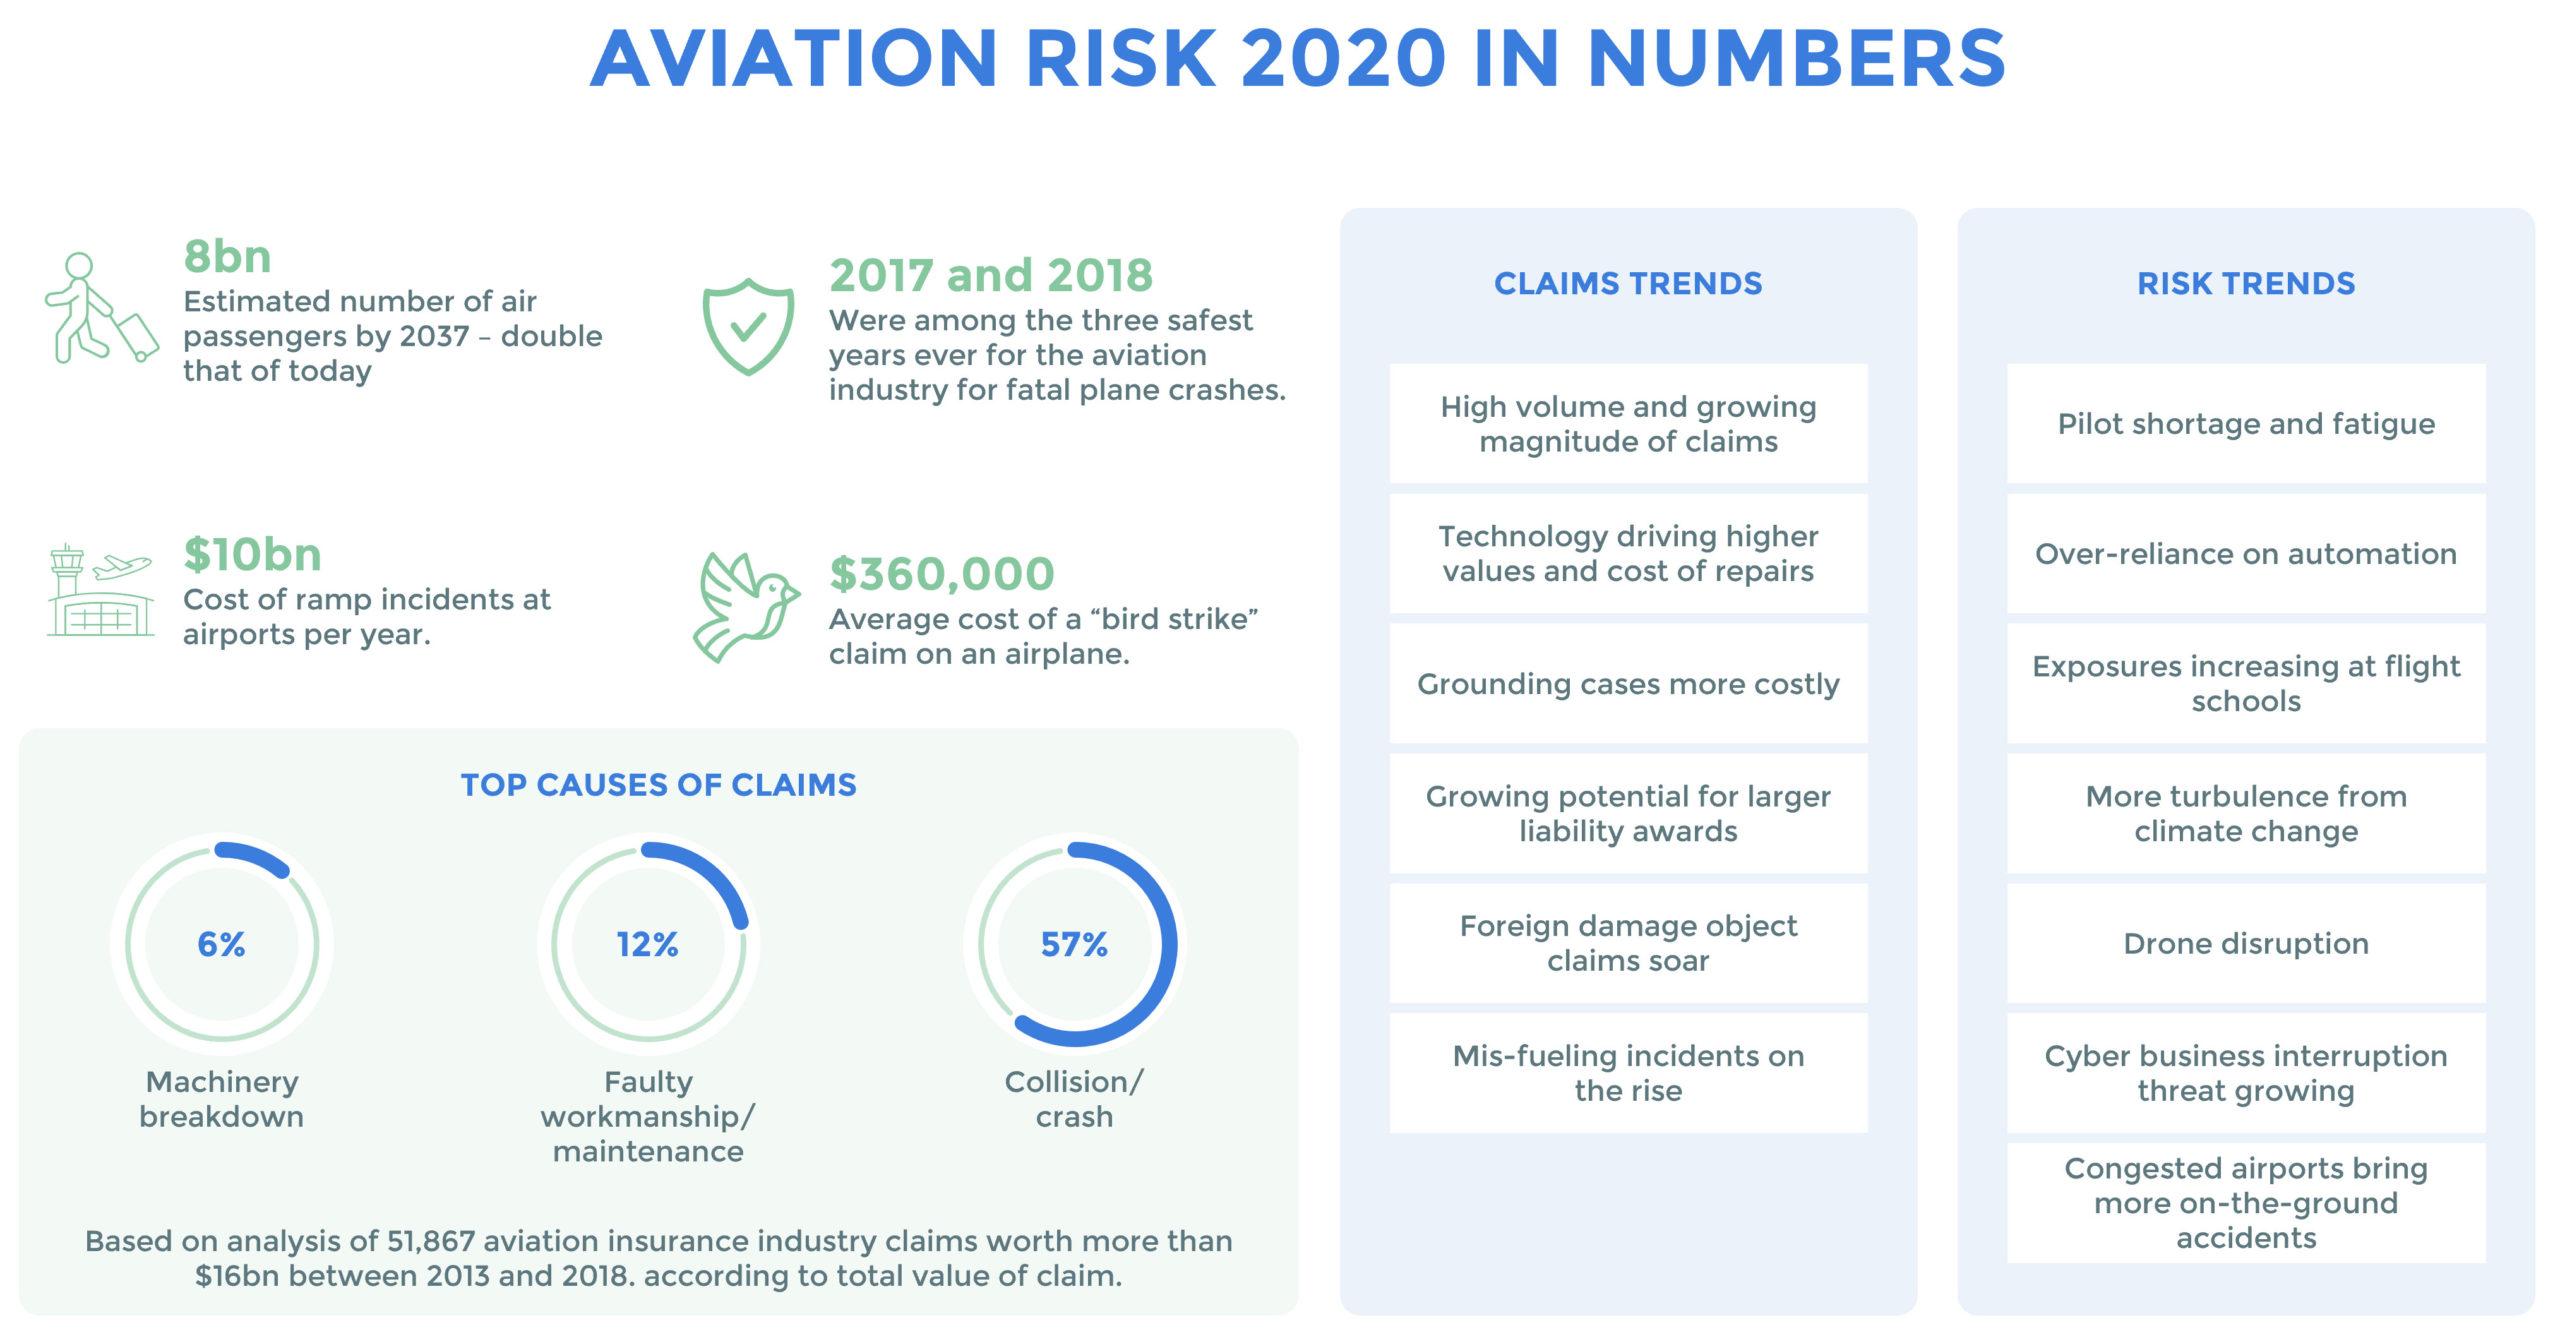 Aviation Risk